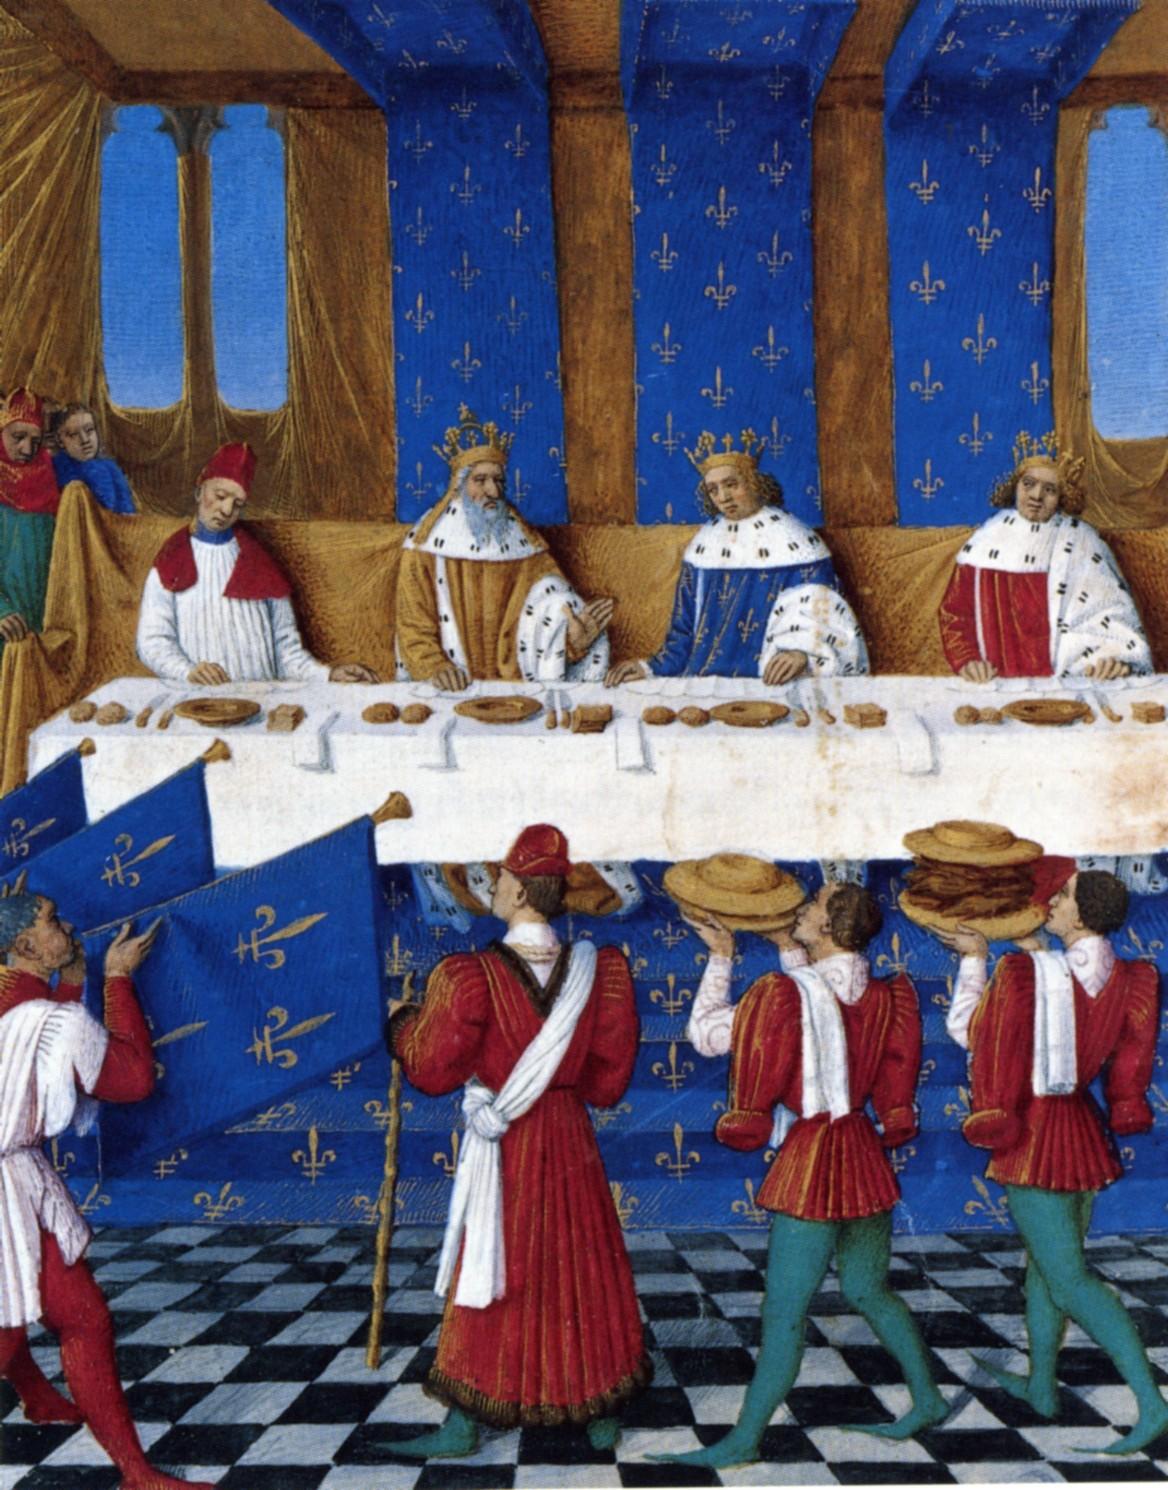 Tischsitten Im Mittelalter Arbeitsblatt : Tischsitten kleio